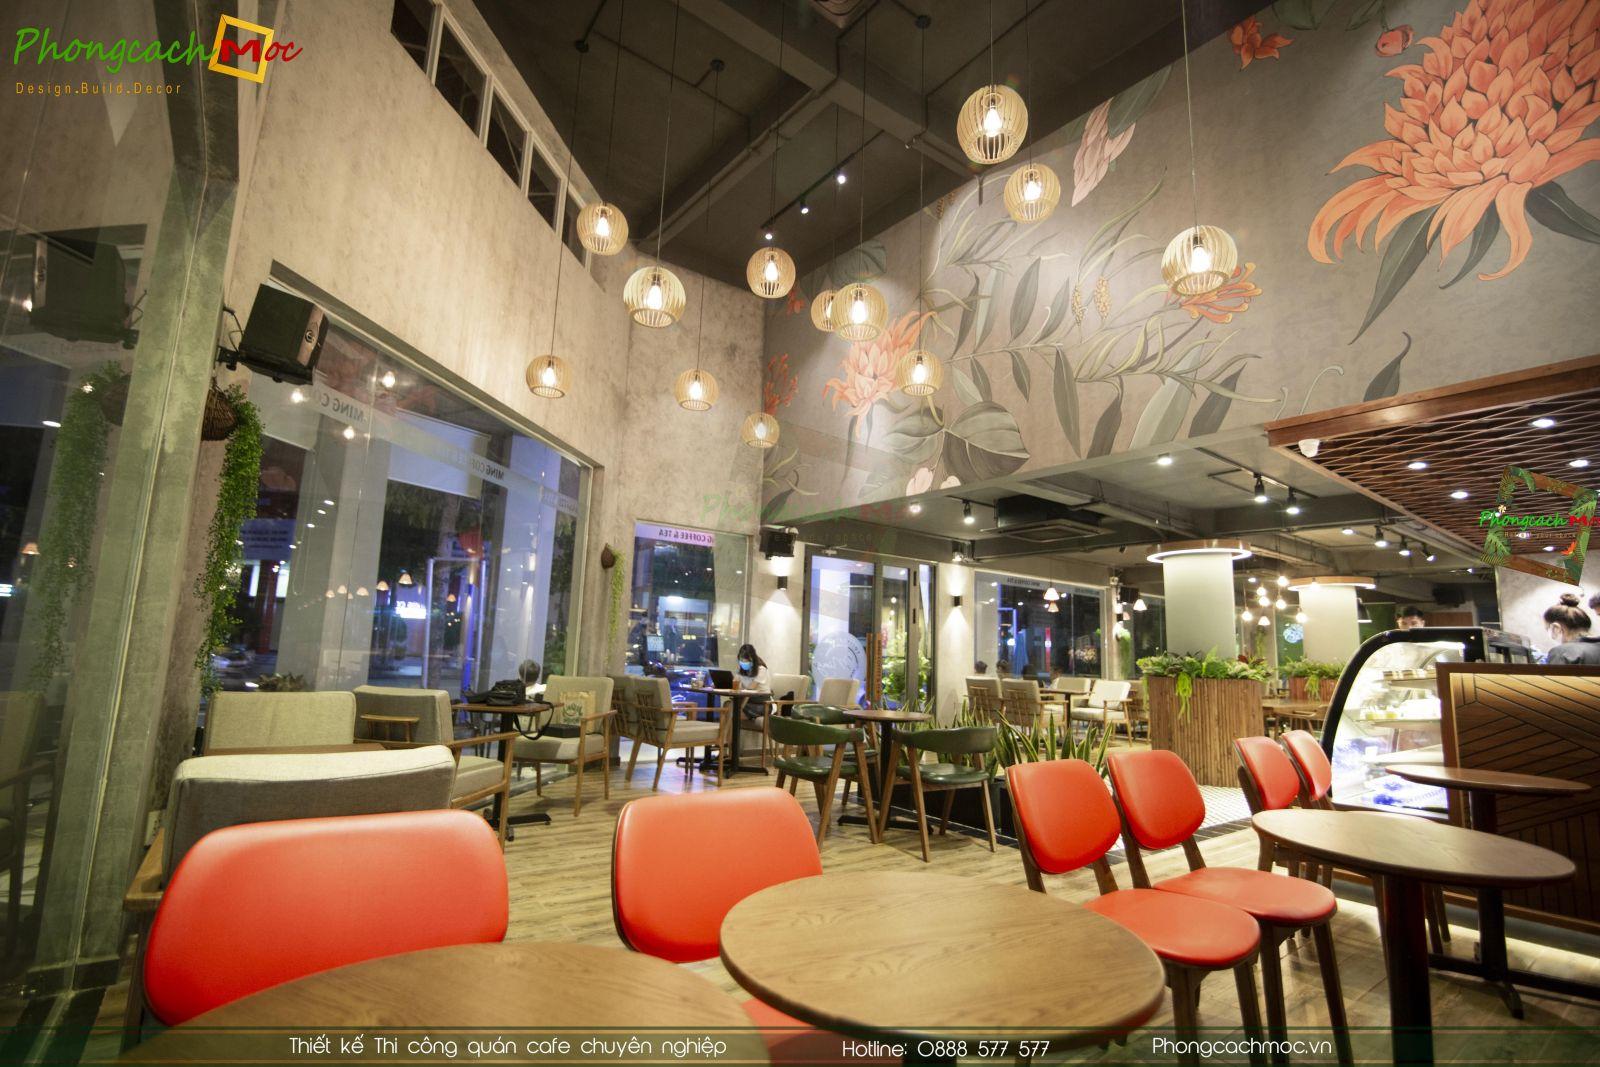 thiet-ke-thi-cong-quan-cafe-mong-coffee-binh-duong24